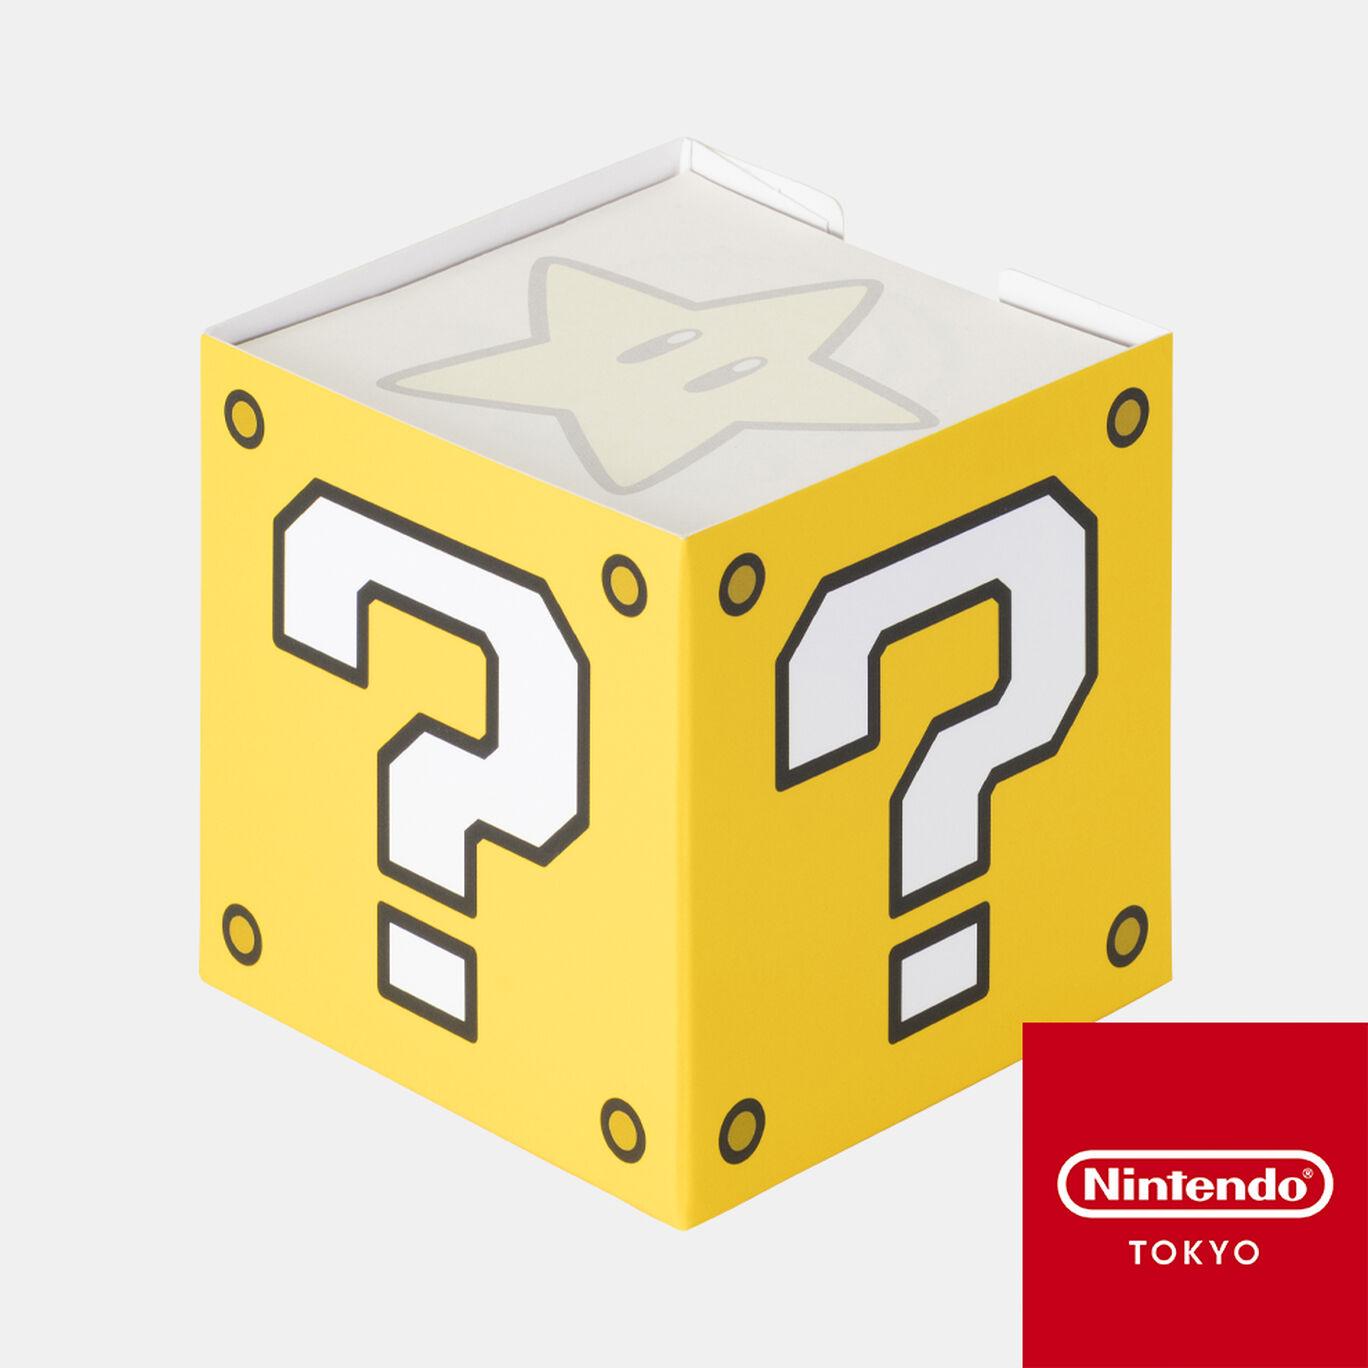 メモパッド スーパーマリオ ハテナブロック【Nintendo TOKYO取り扱い商品】